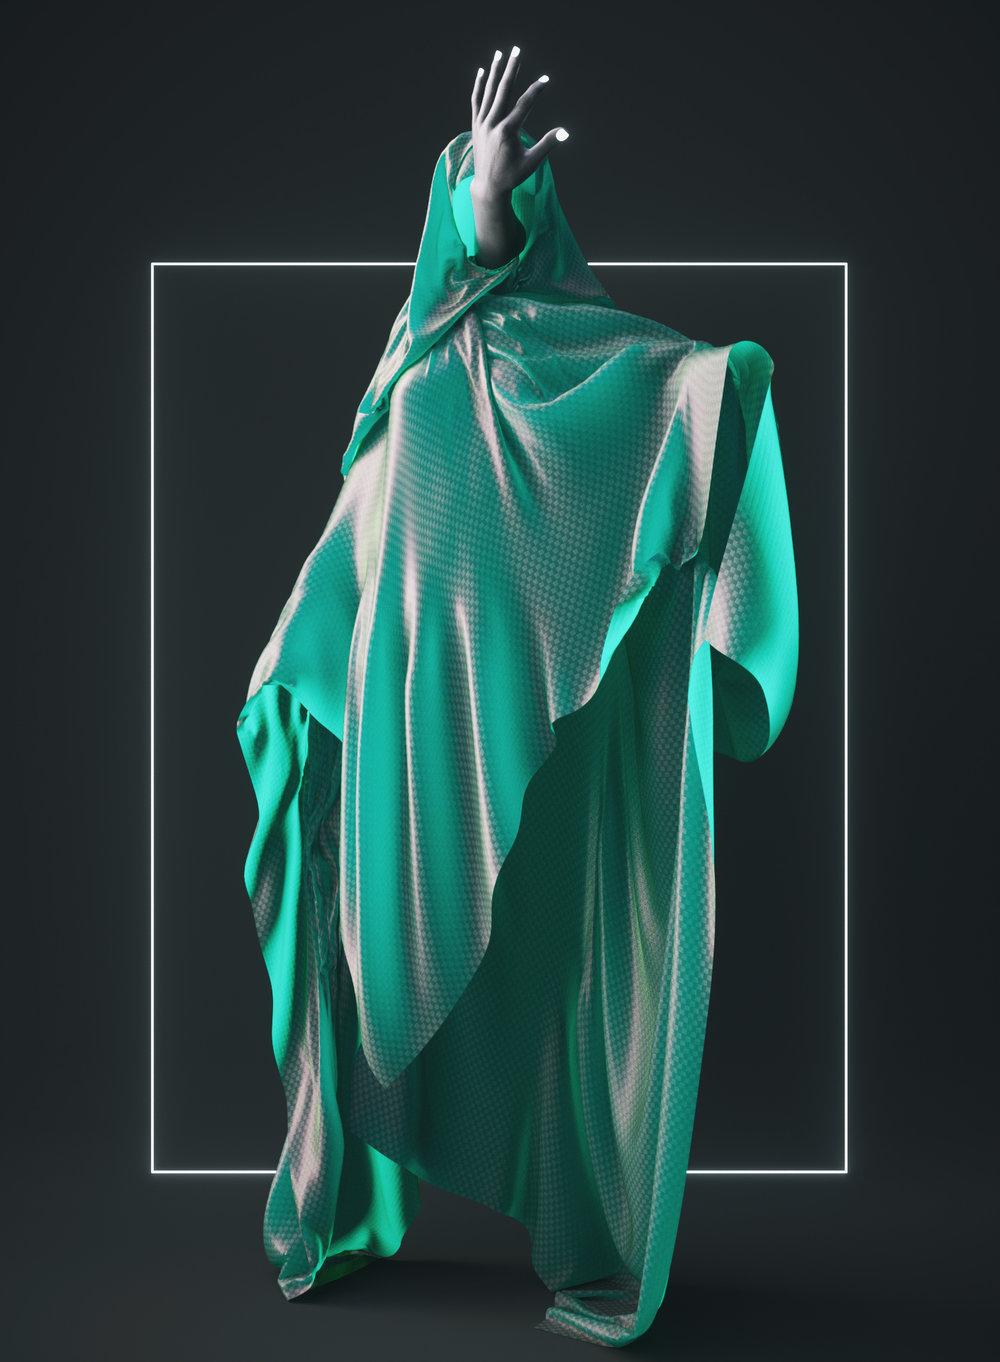 hijab_01.jpg